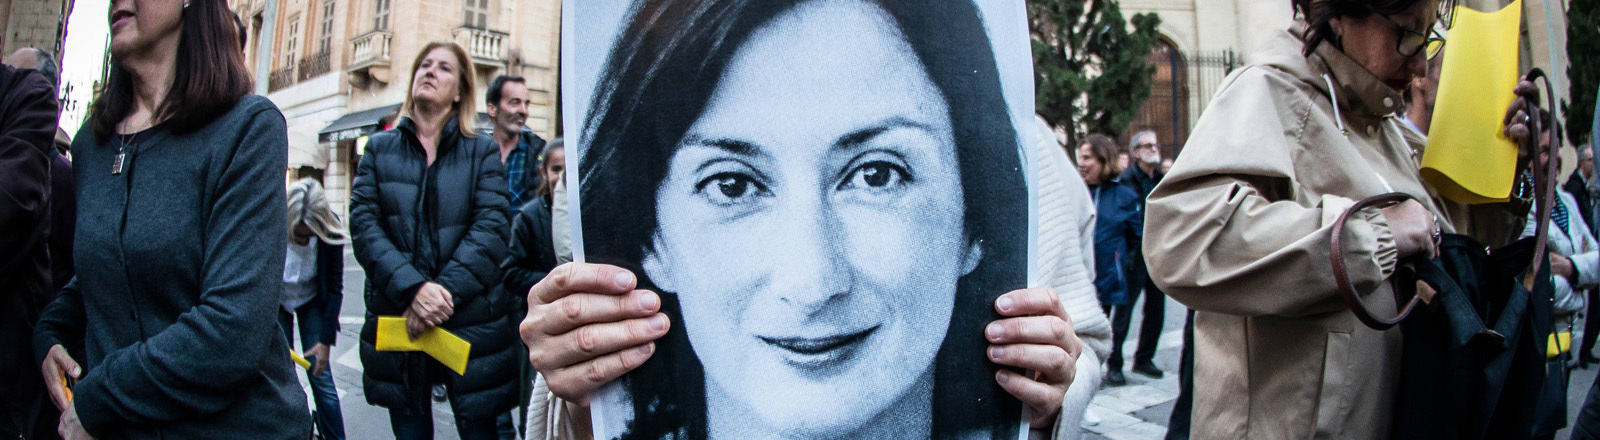 Eine Protestierende hält ein Foto der ermordeten Journalistin Daphne Caruana Galizia in der Hand.